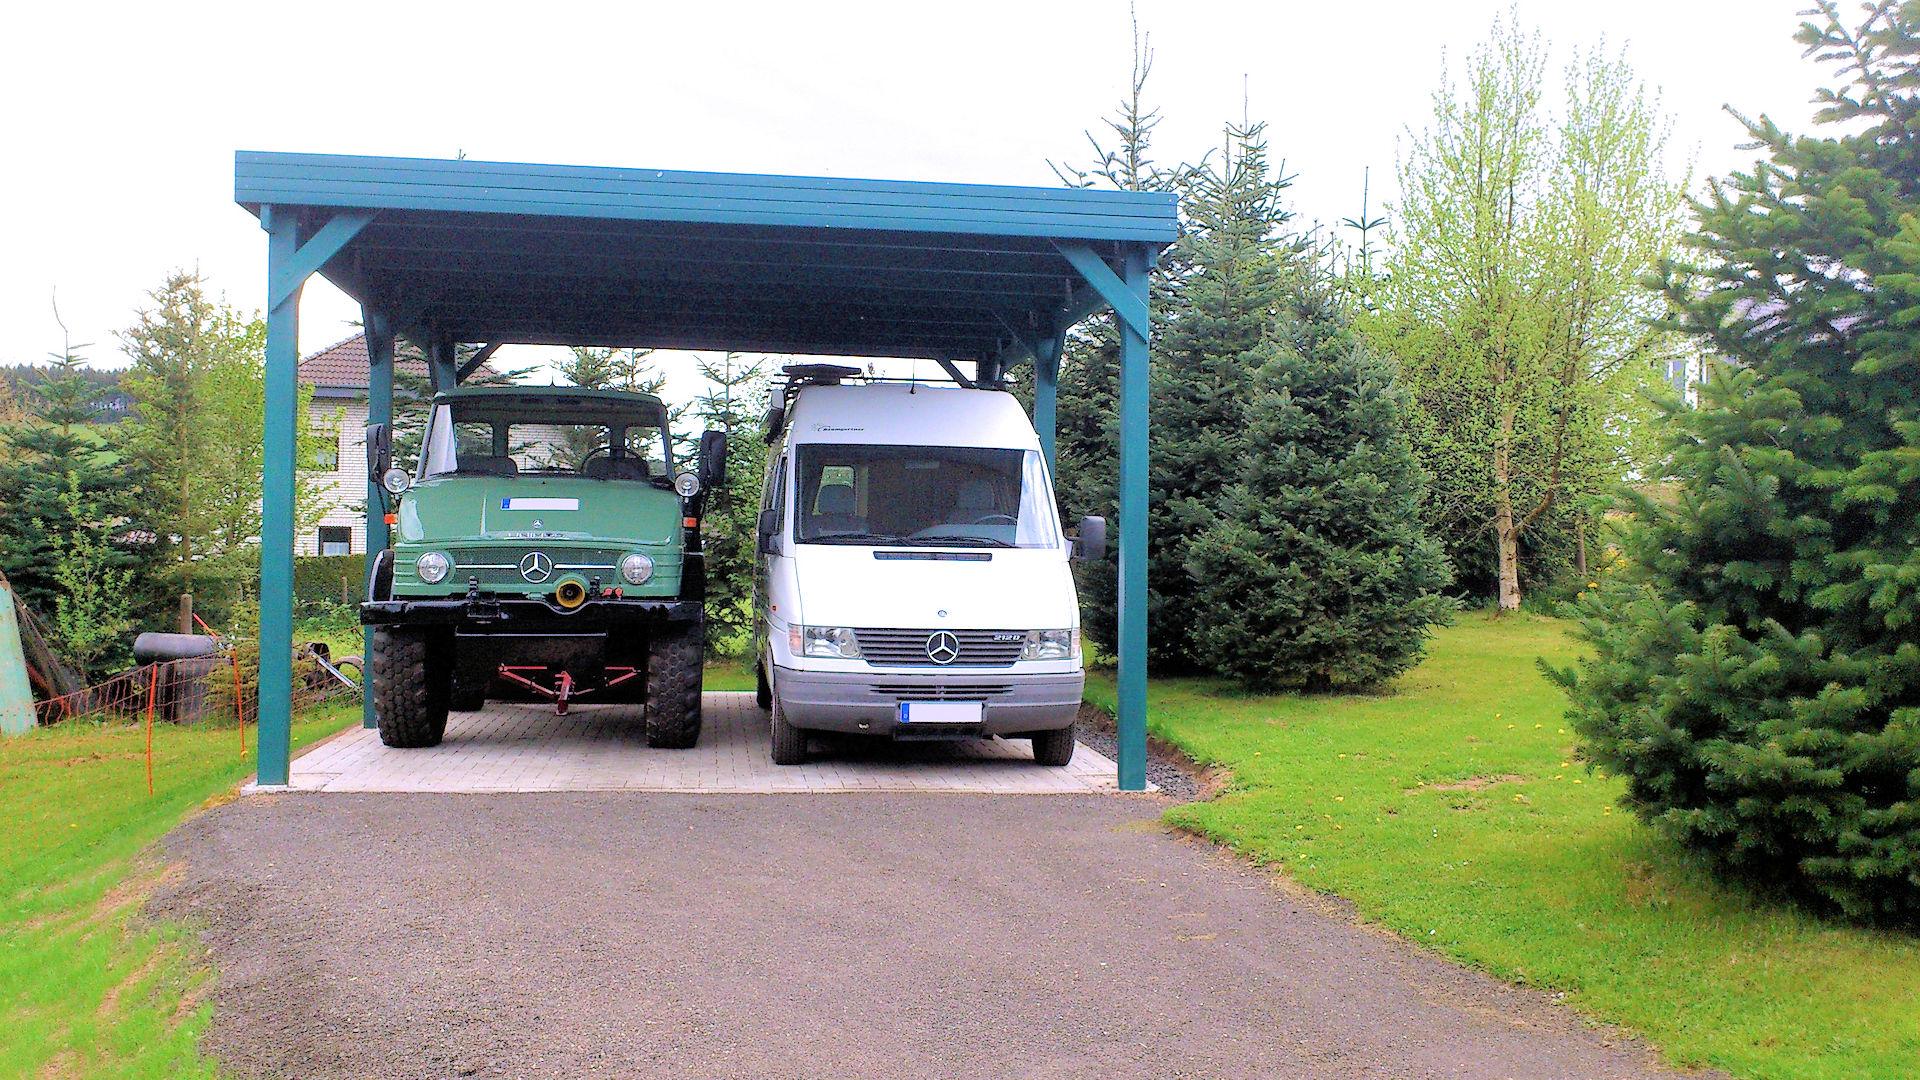 Grünes Doppelcarport aus Holz für Wohnmobile und Nutzfahrzeug